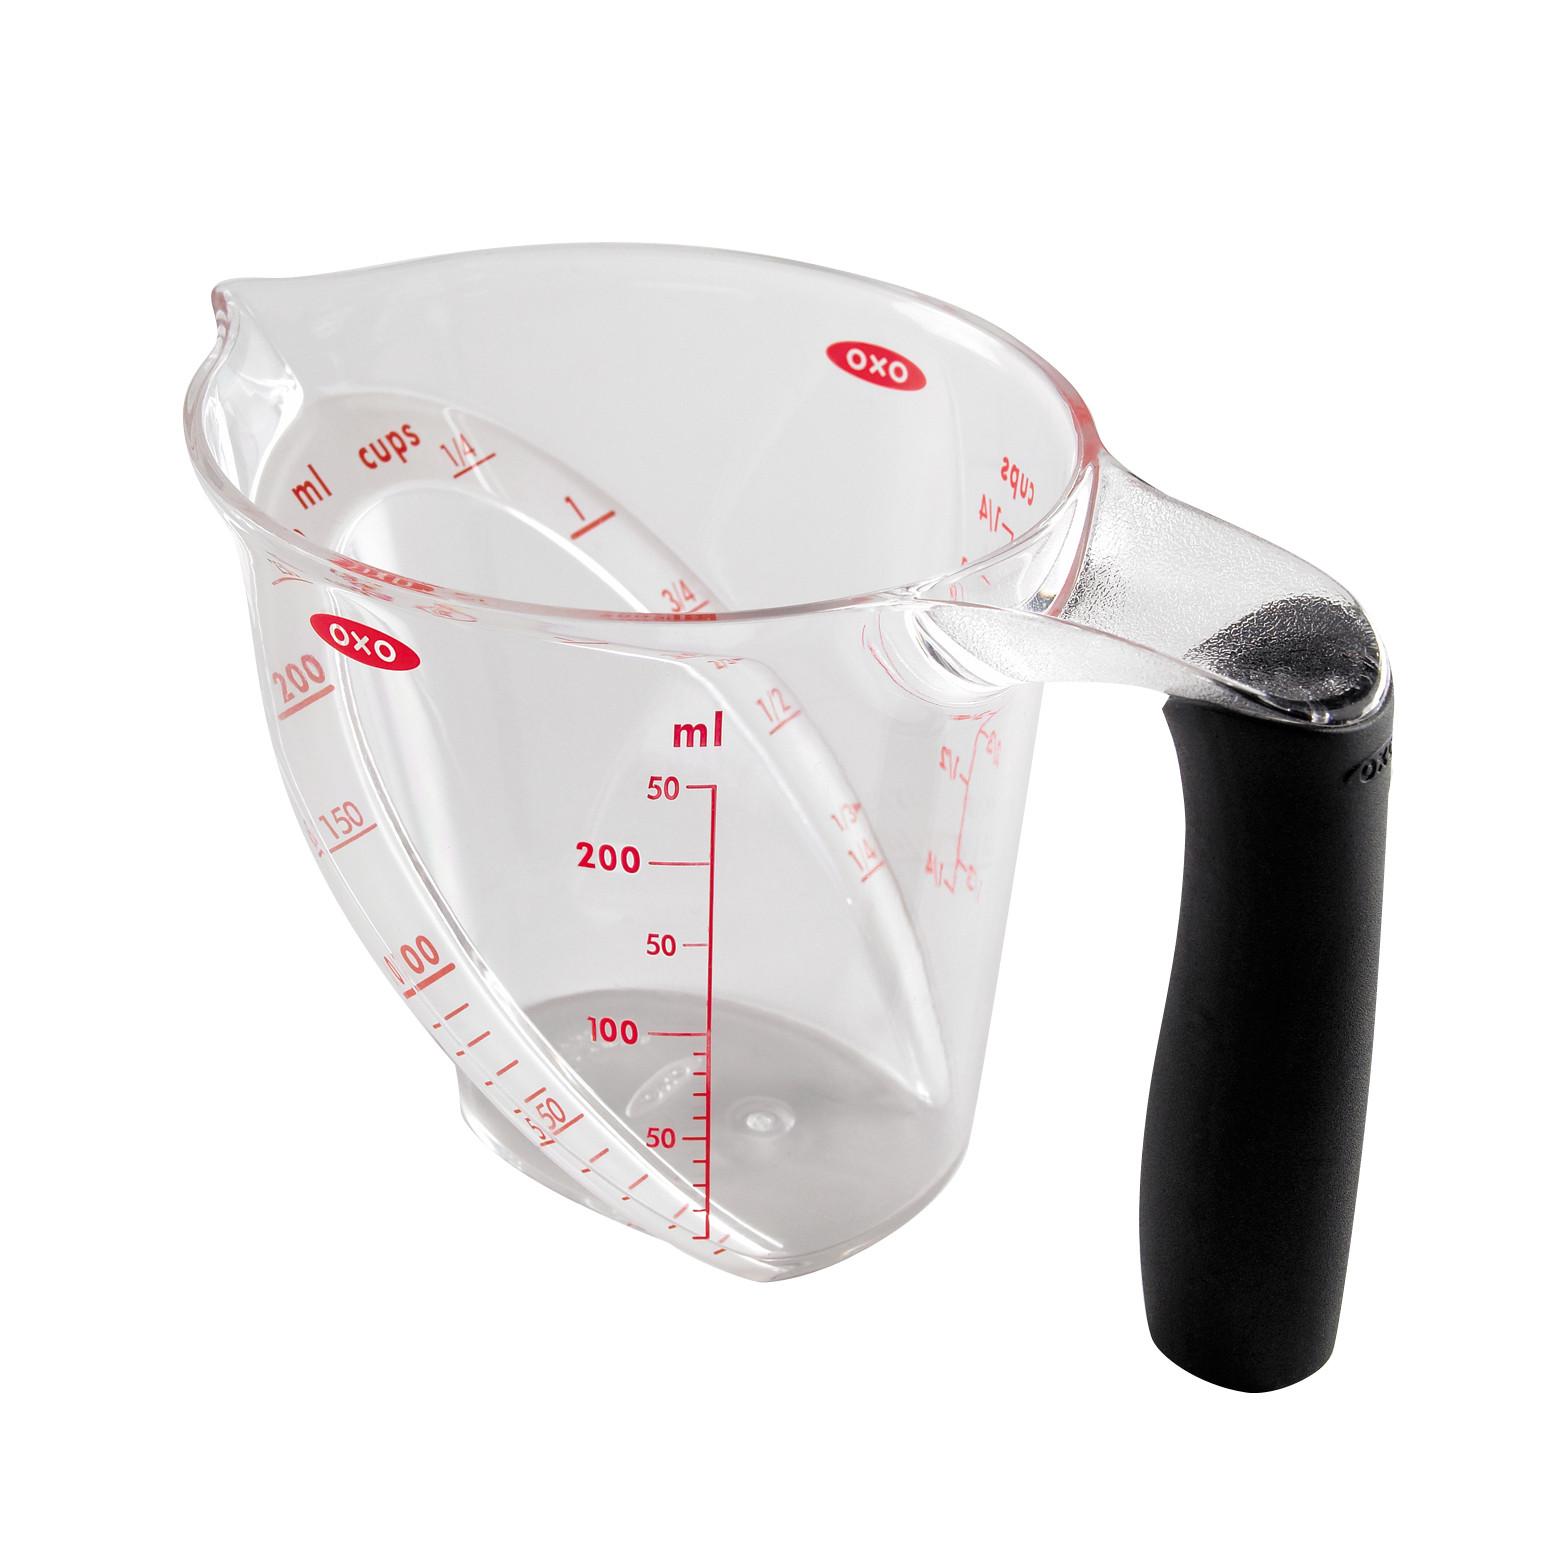 Miarka kuchenna z innowacyjną skalą Oxo Good Grips 250 ml